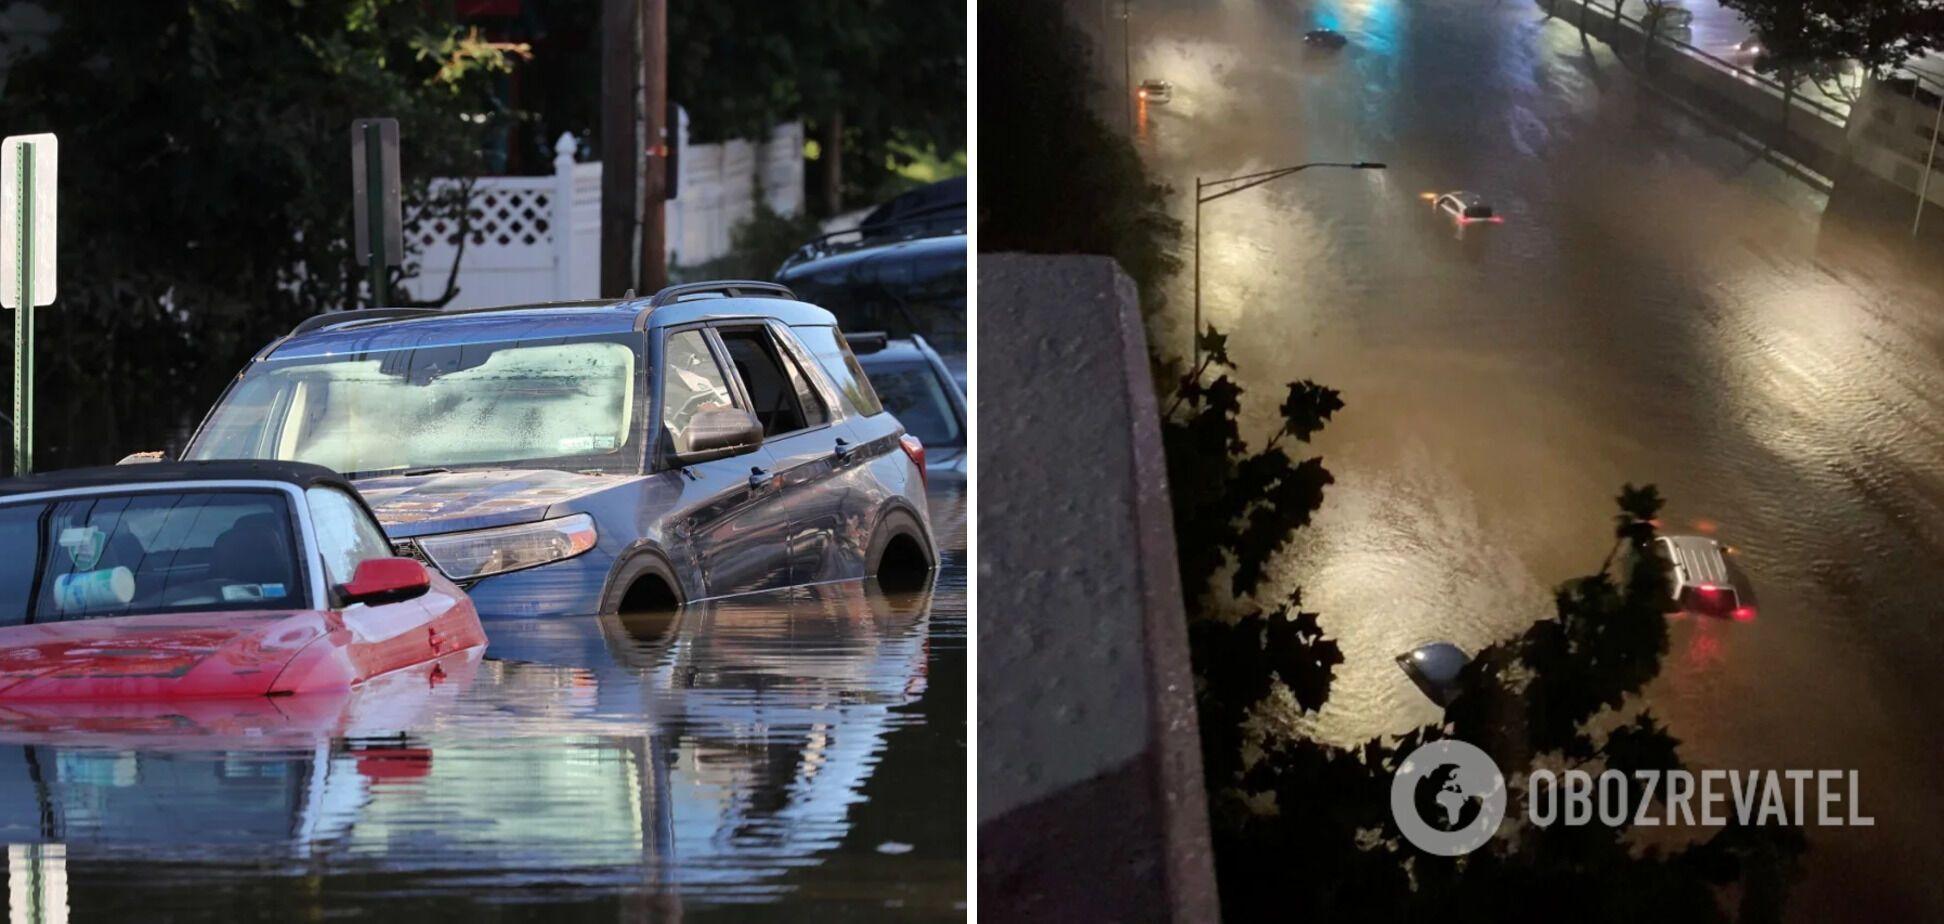 Сильный дождь полностью затопил дороги Нью-Йорка